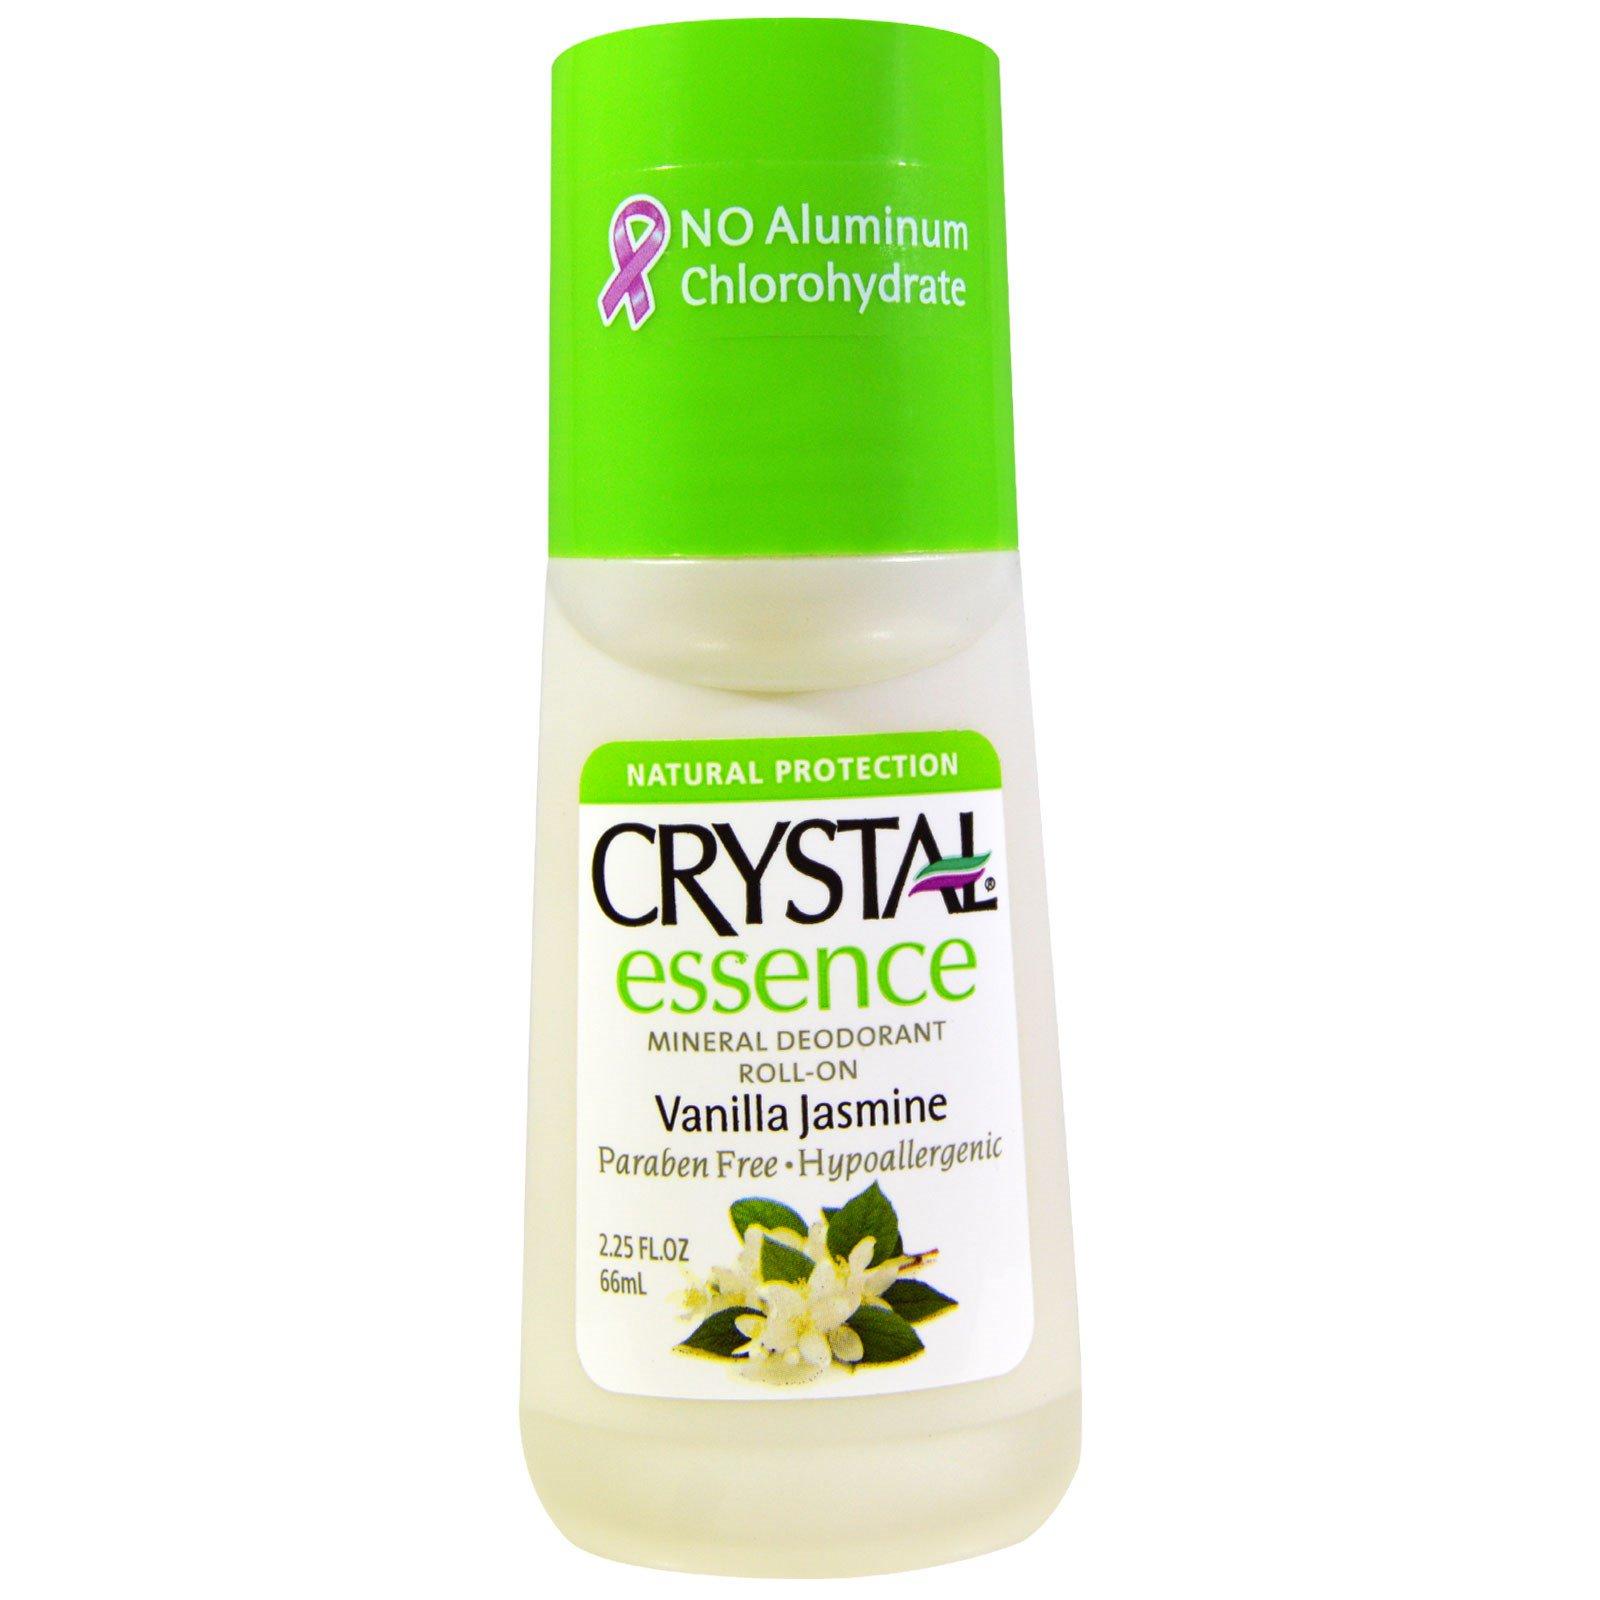 Crystal Body Deodorant, Crystal Essence, минеральный роликовый дезодоранты, ваниль-жасмин, 66 мл (2,25 жидких унций)